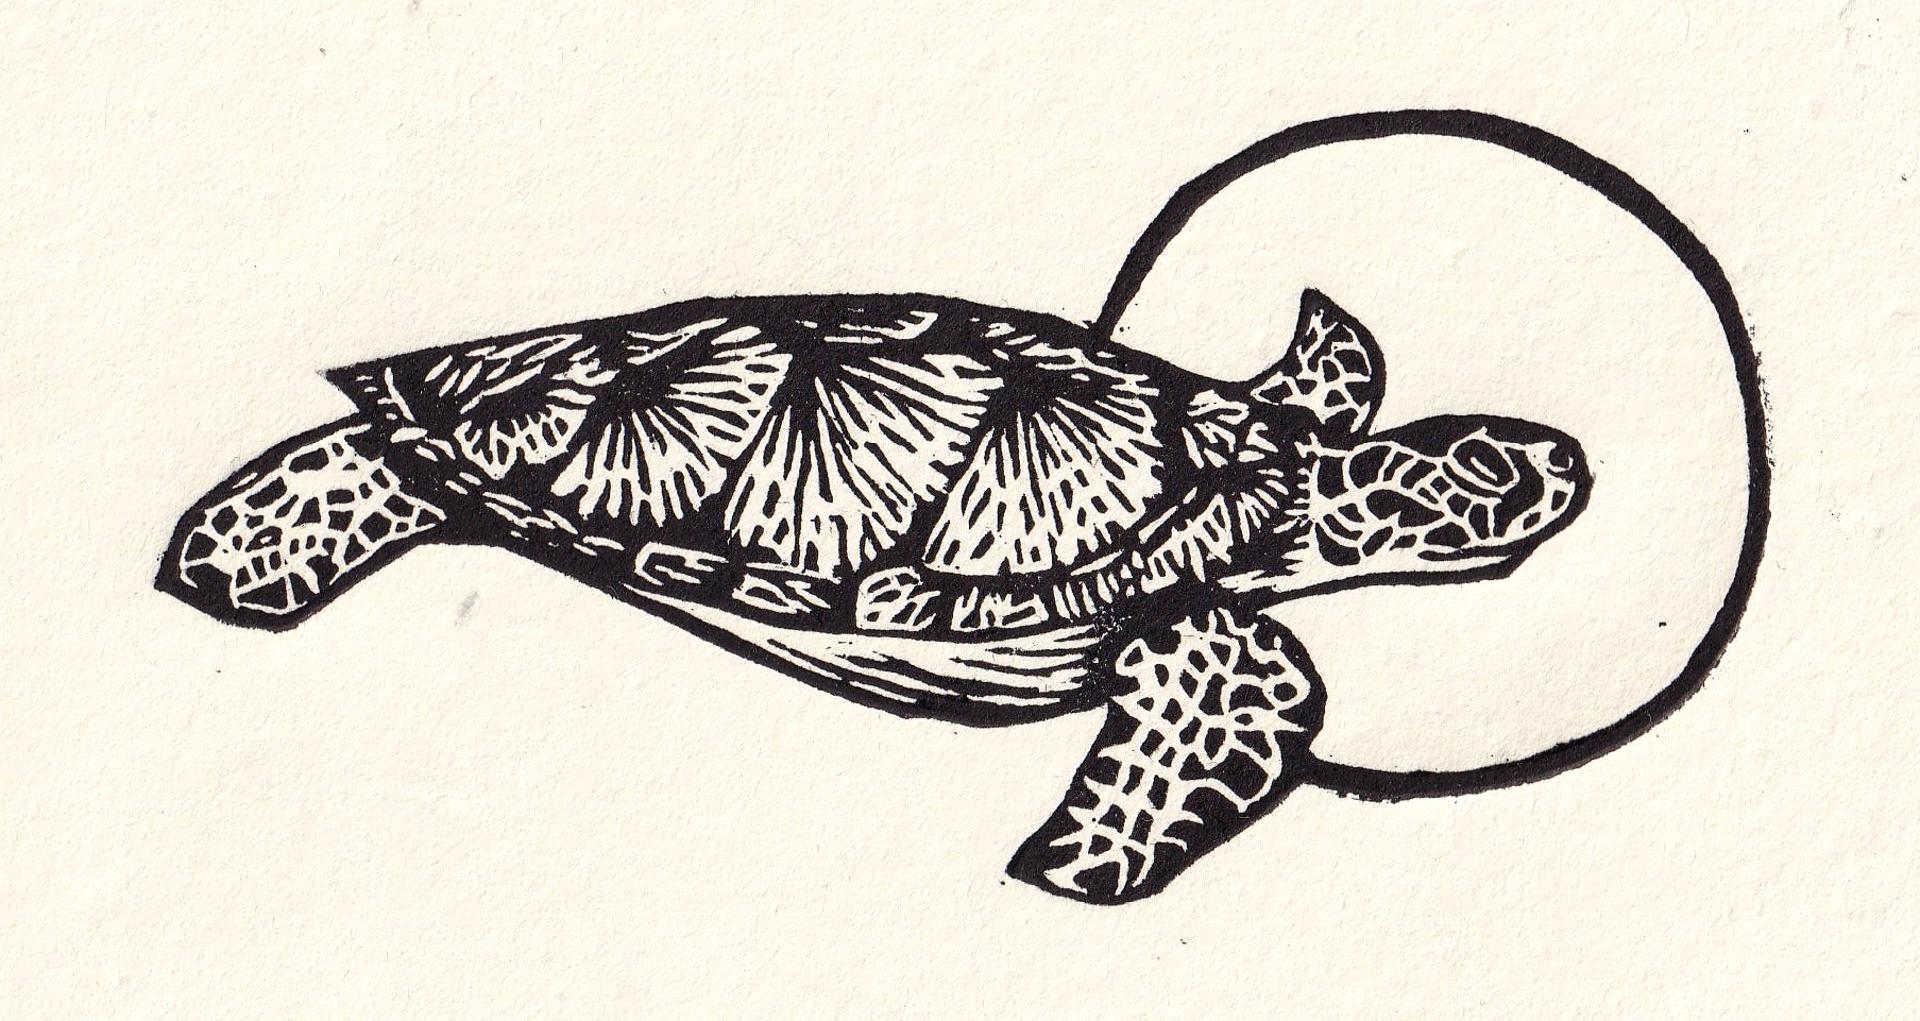 Tortuga by Miguel Jimenez Martinez